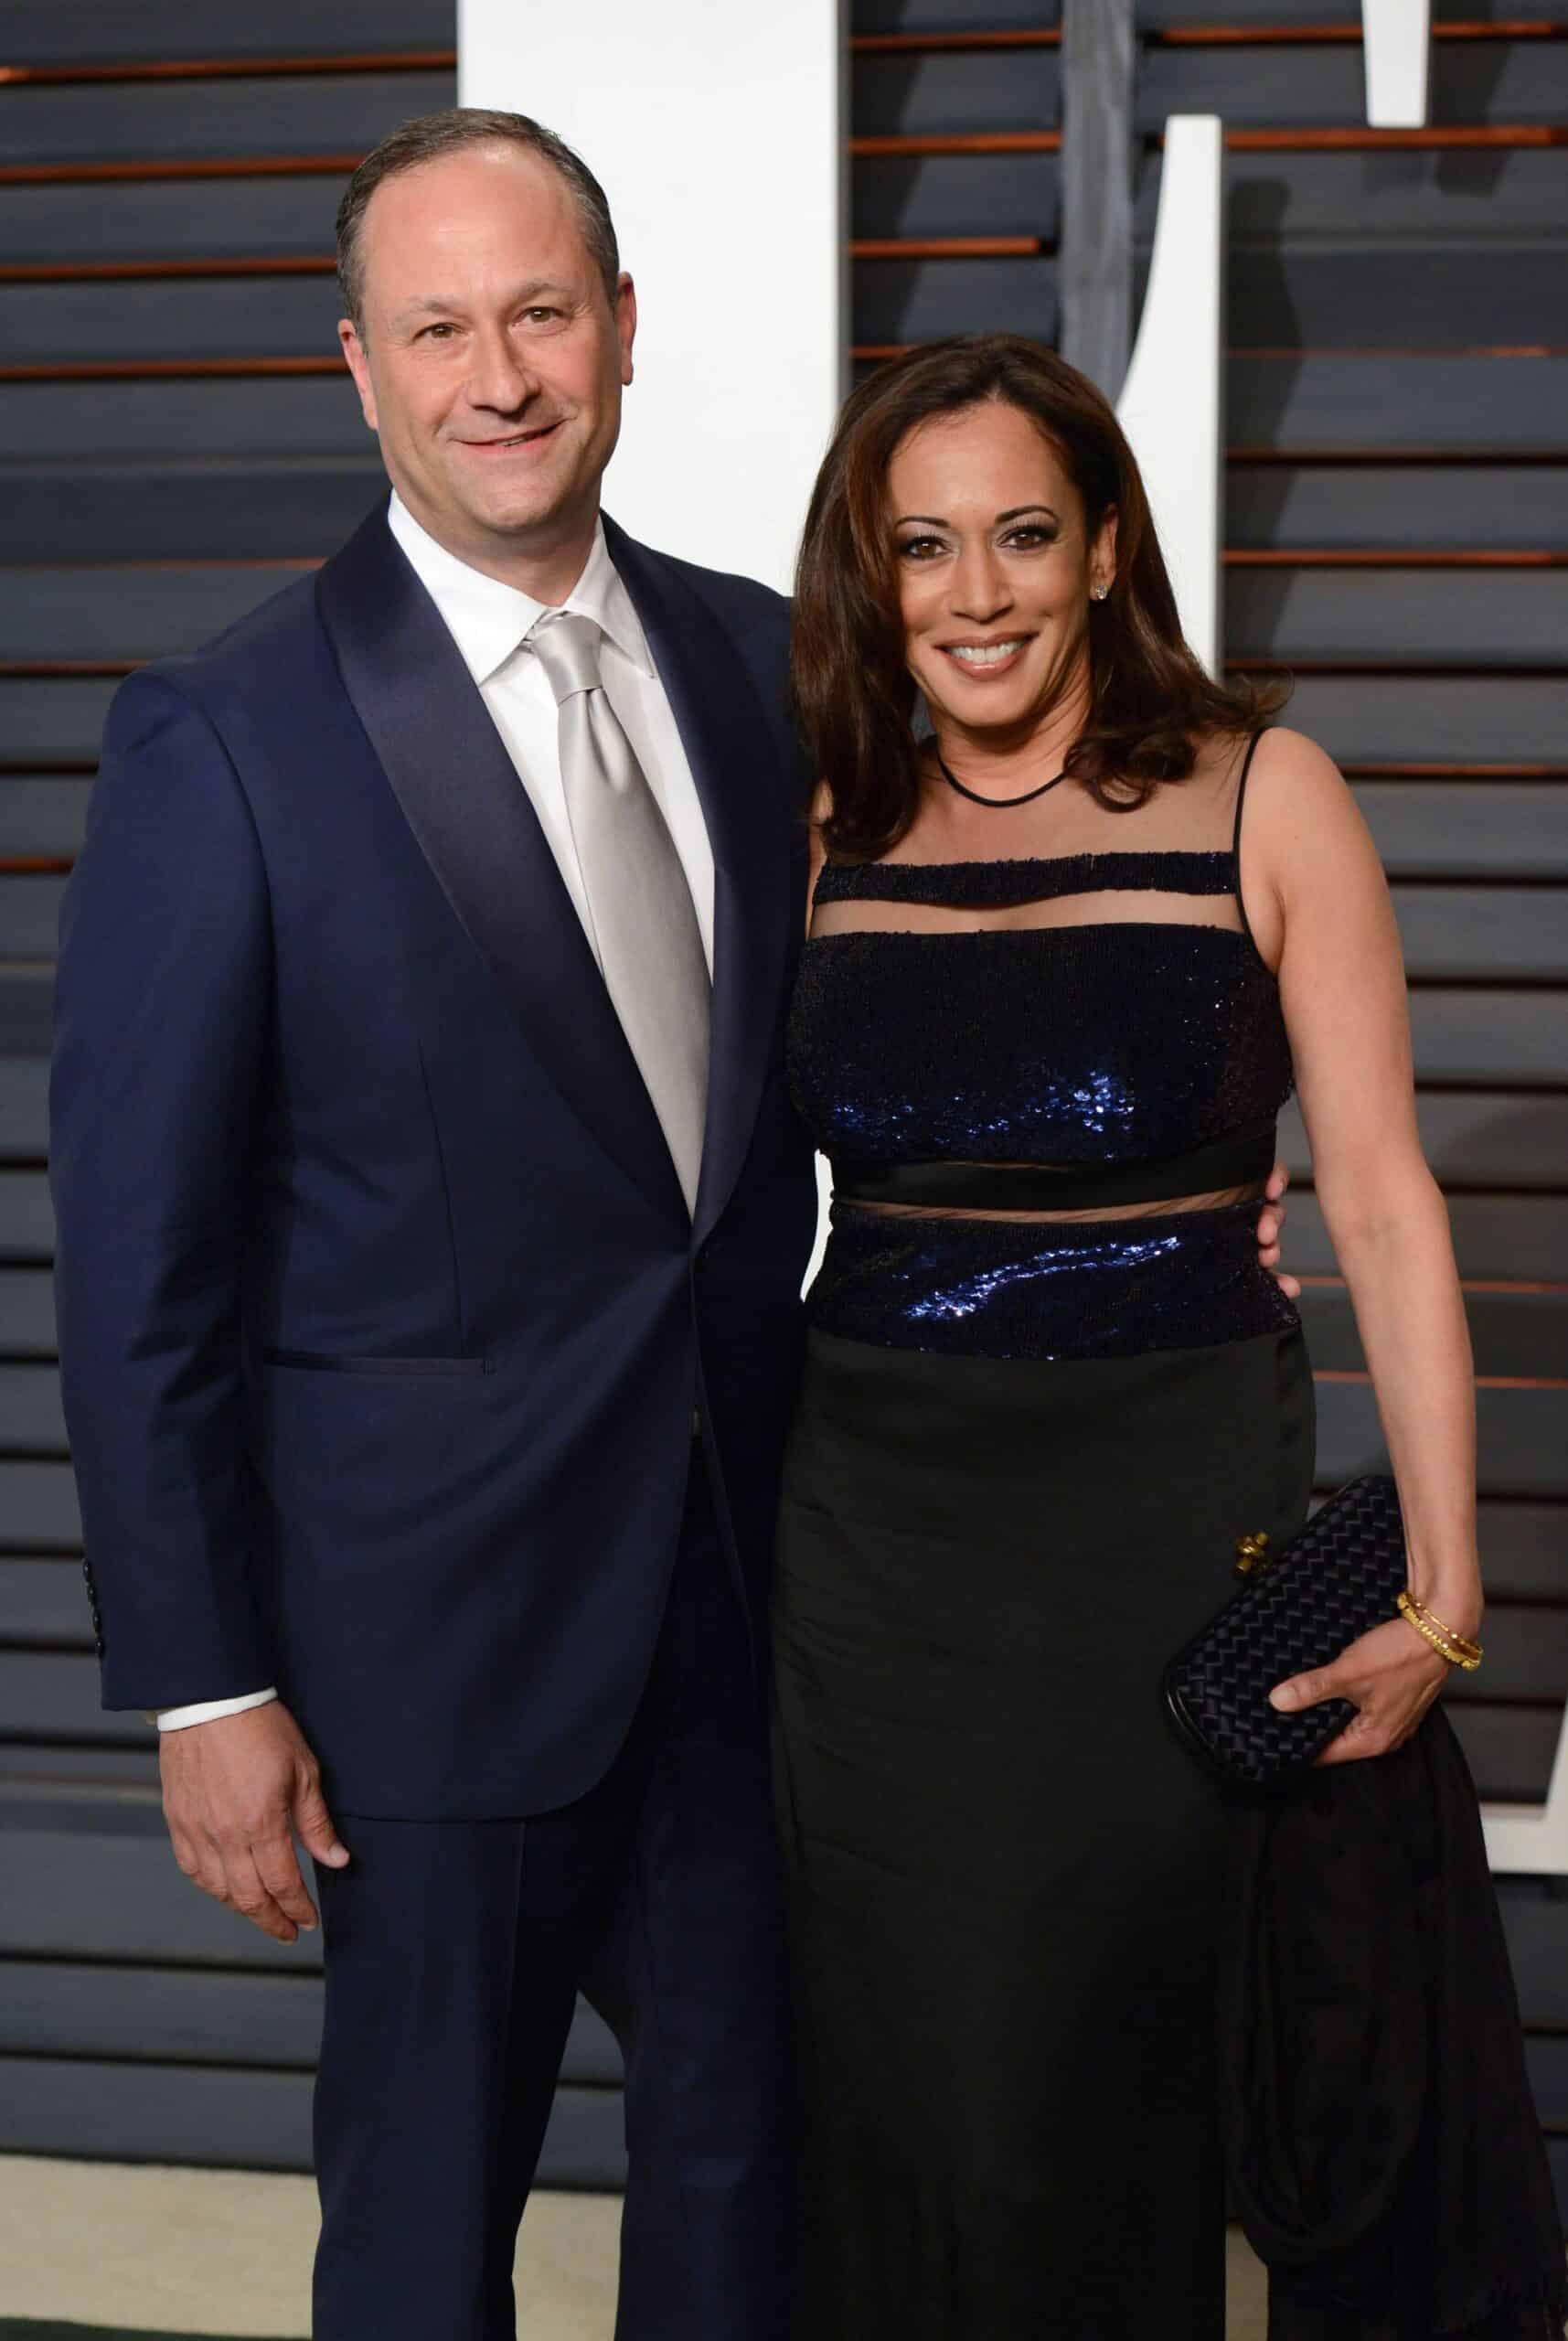 Doug Emhoff, Kamala Harris's Husband